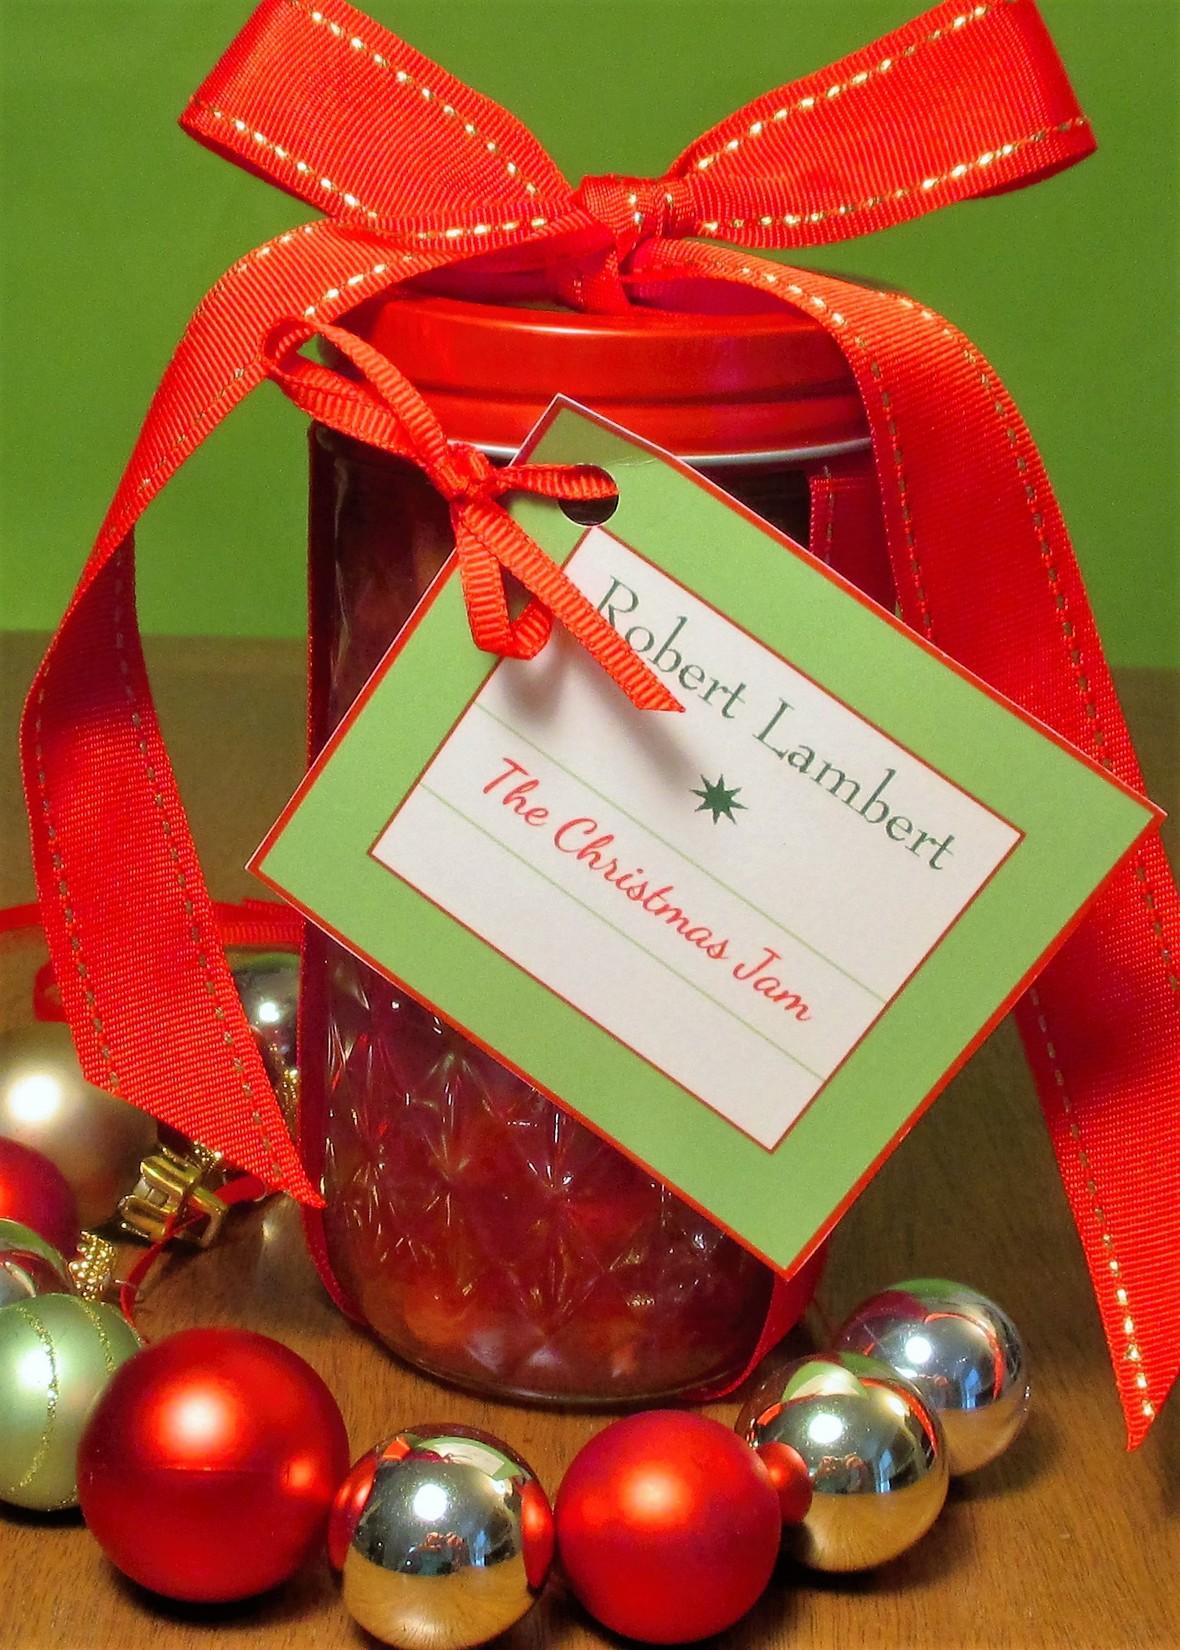 RL-The-Christmas-Jam-New